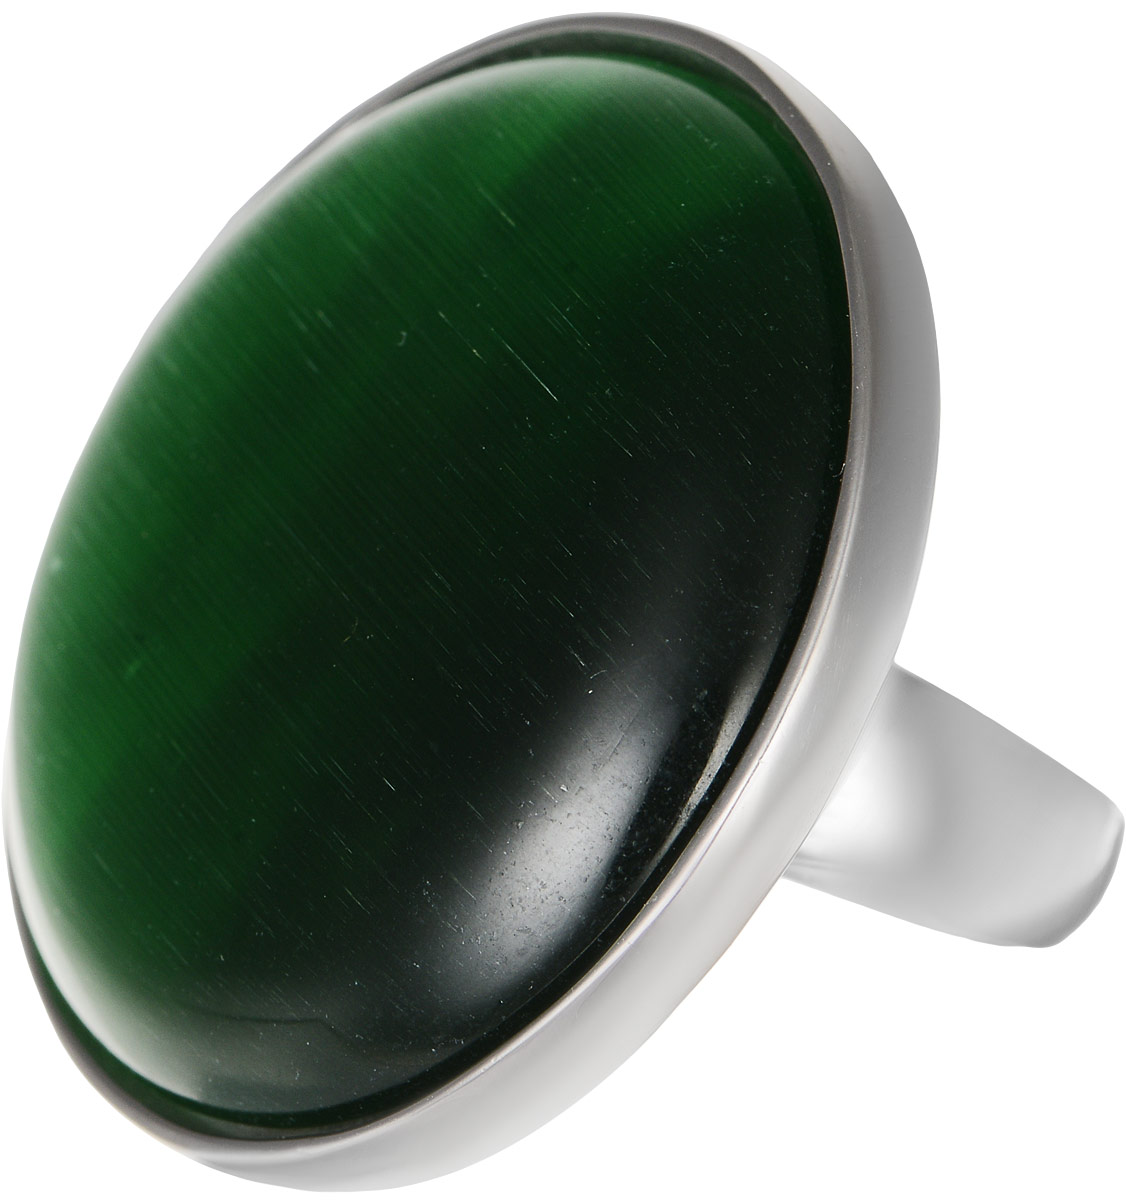 Кольцо Polina Selezneva, цвет: серебристый, зеленый. DG-0020. Размер 18Коктейльное кольцоОригинальное кольцо Polina Selezneva выполнено из бижутерийного сплава. Изделие круглой формы, дополнено искусственным камнем. Такое кольцо это блестящее завершение вашего неповторимого, смелого образа и отличный подарок для ценительницы необычных украшений!